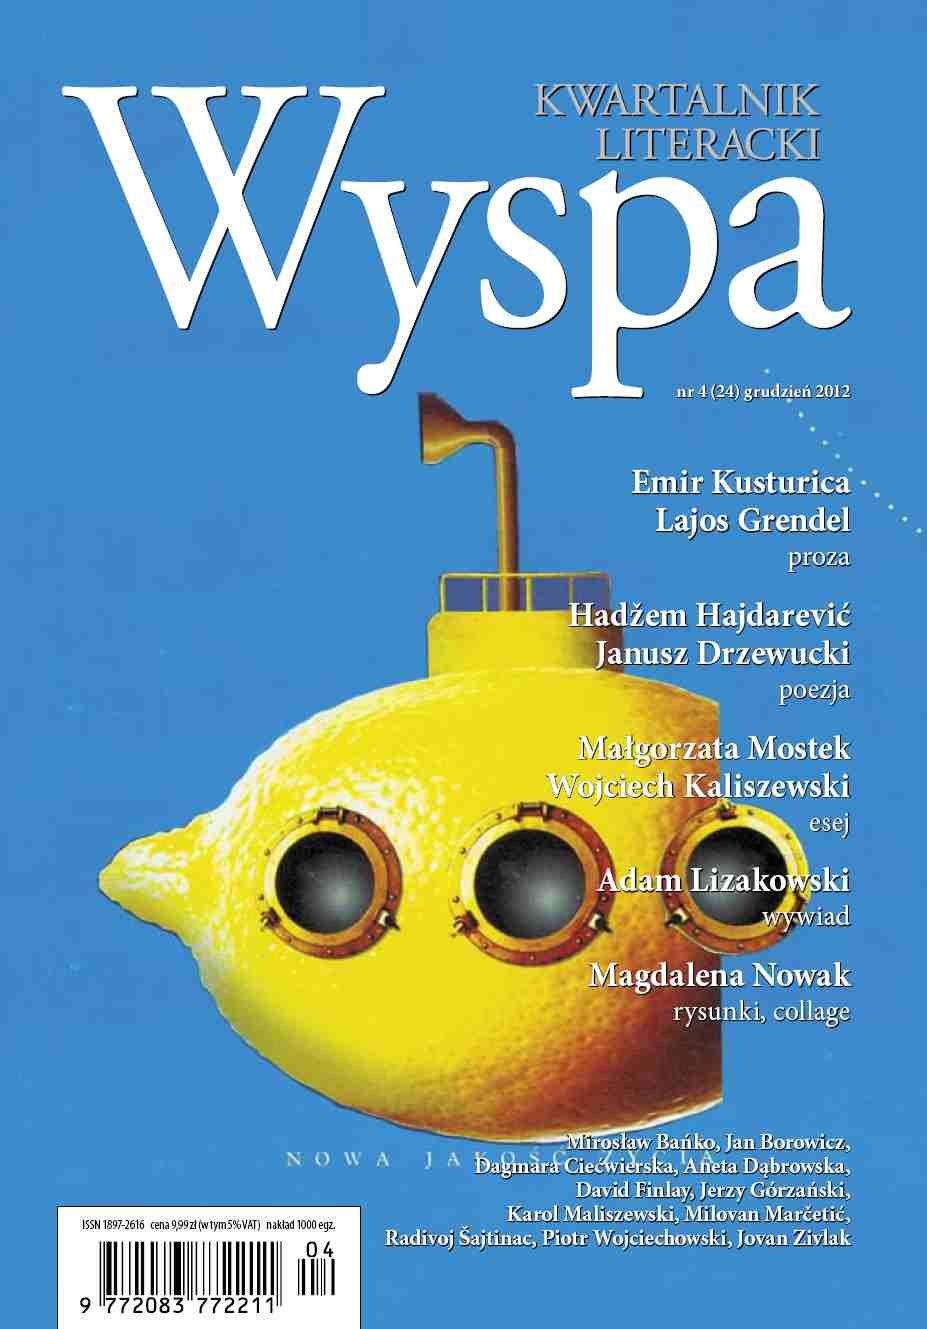 WYSPA Kwartalnik Literacki - nr 4/2012 (24) - Ebook (Książka PDF) do pobrania w formacie PDF